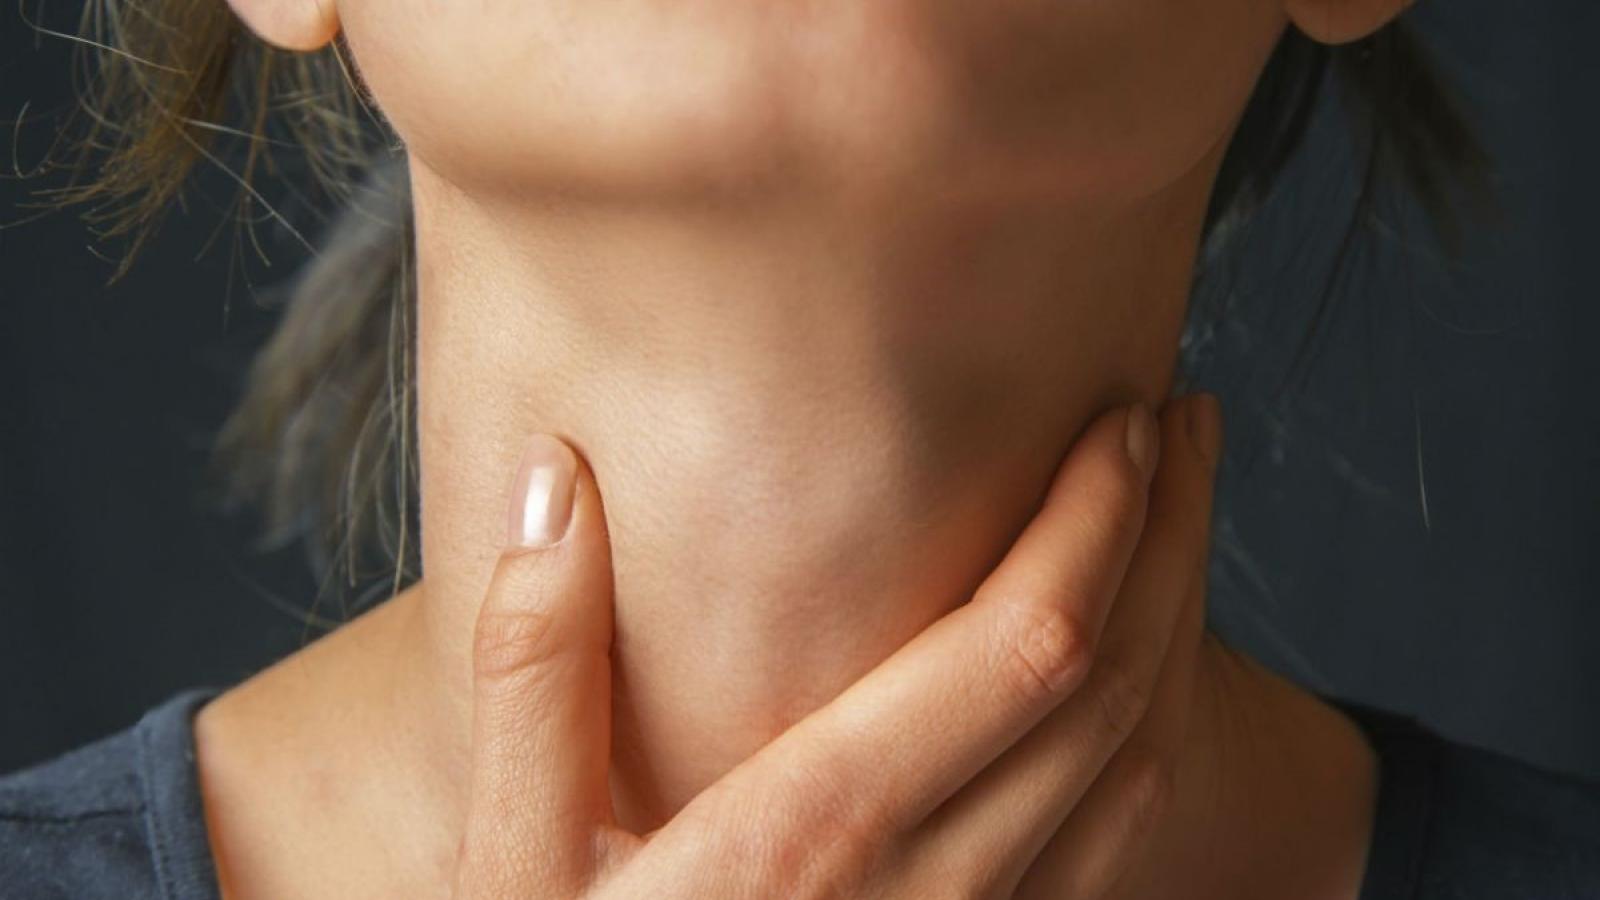 Cảnh báo nguy cơ ung thư hầu họng do quan hệ tình dục bằng miệng